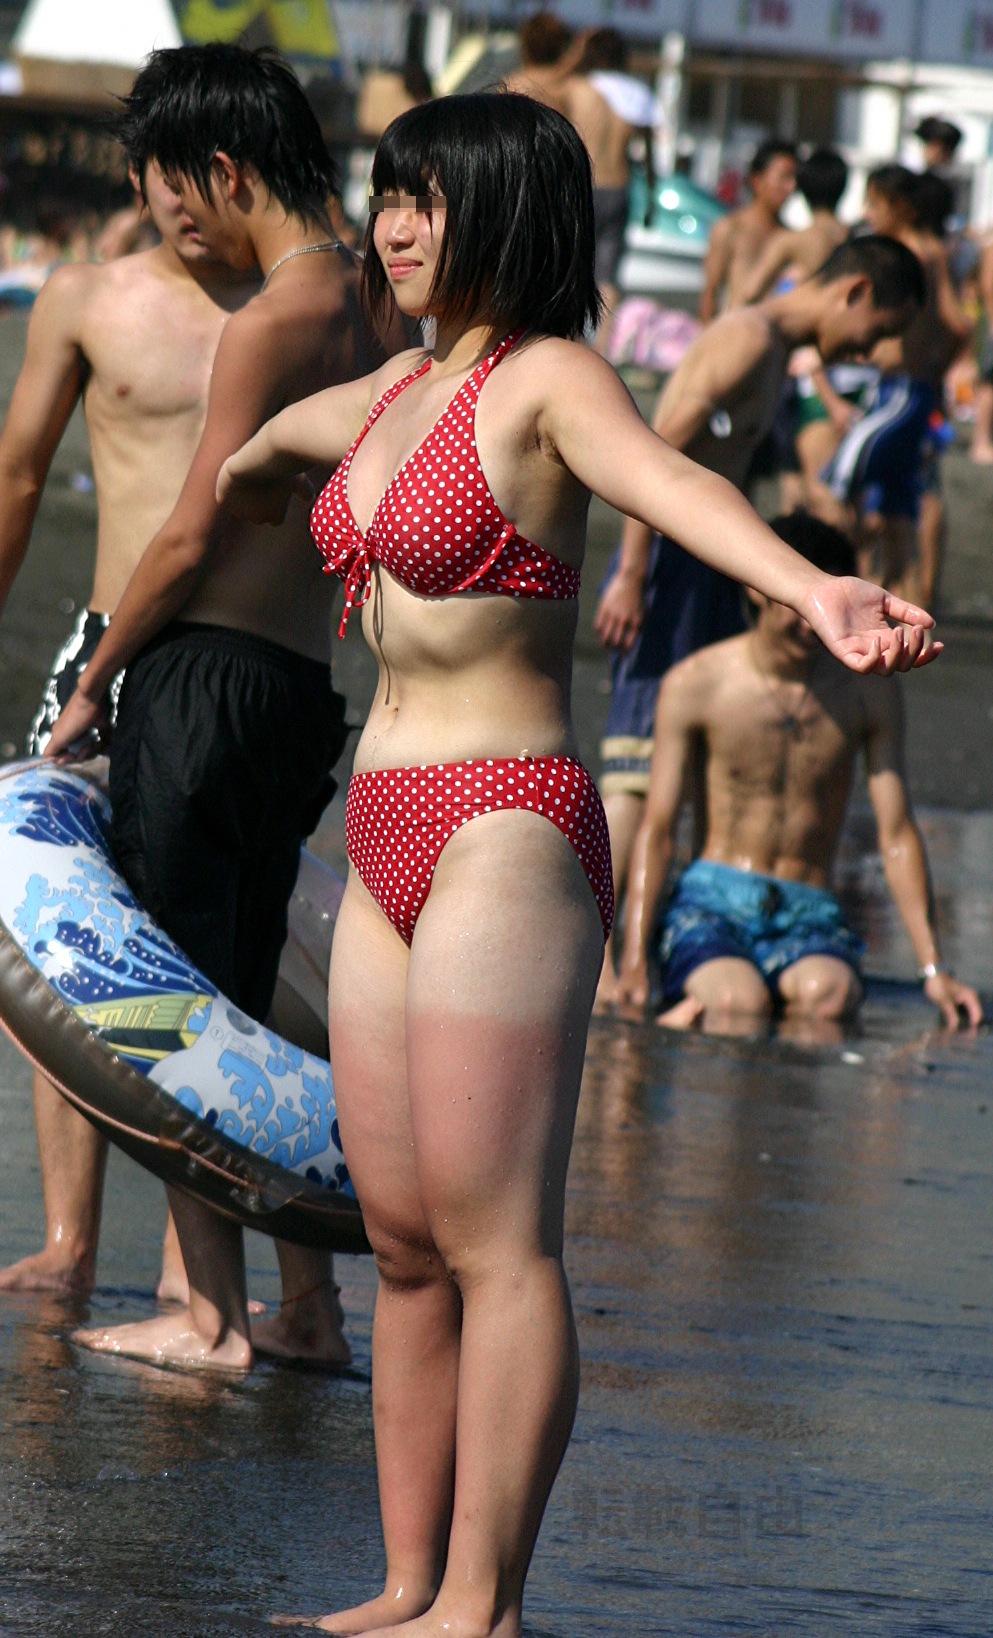 【水着エロ画像】あんな下着同然の布の奥に…ビーチに実った果実の如きビキニおっぱいwww 03